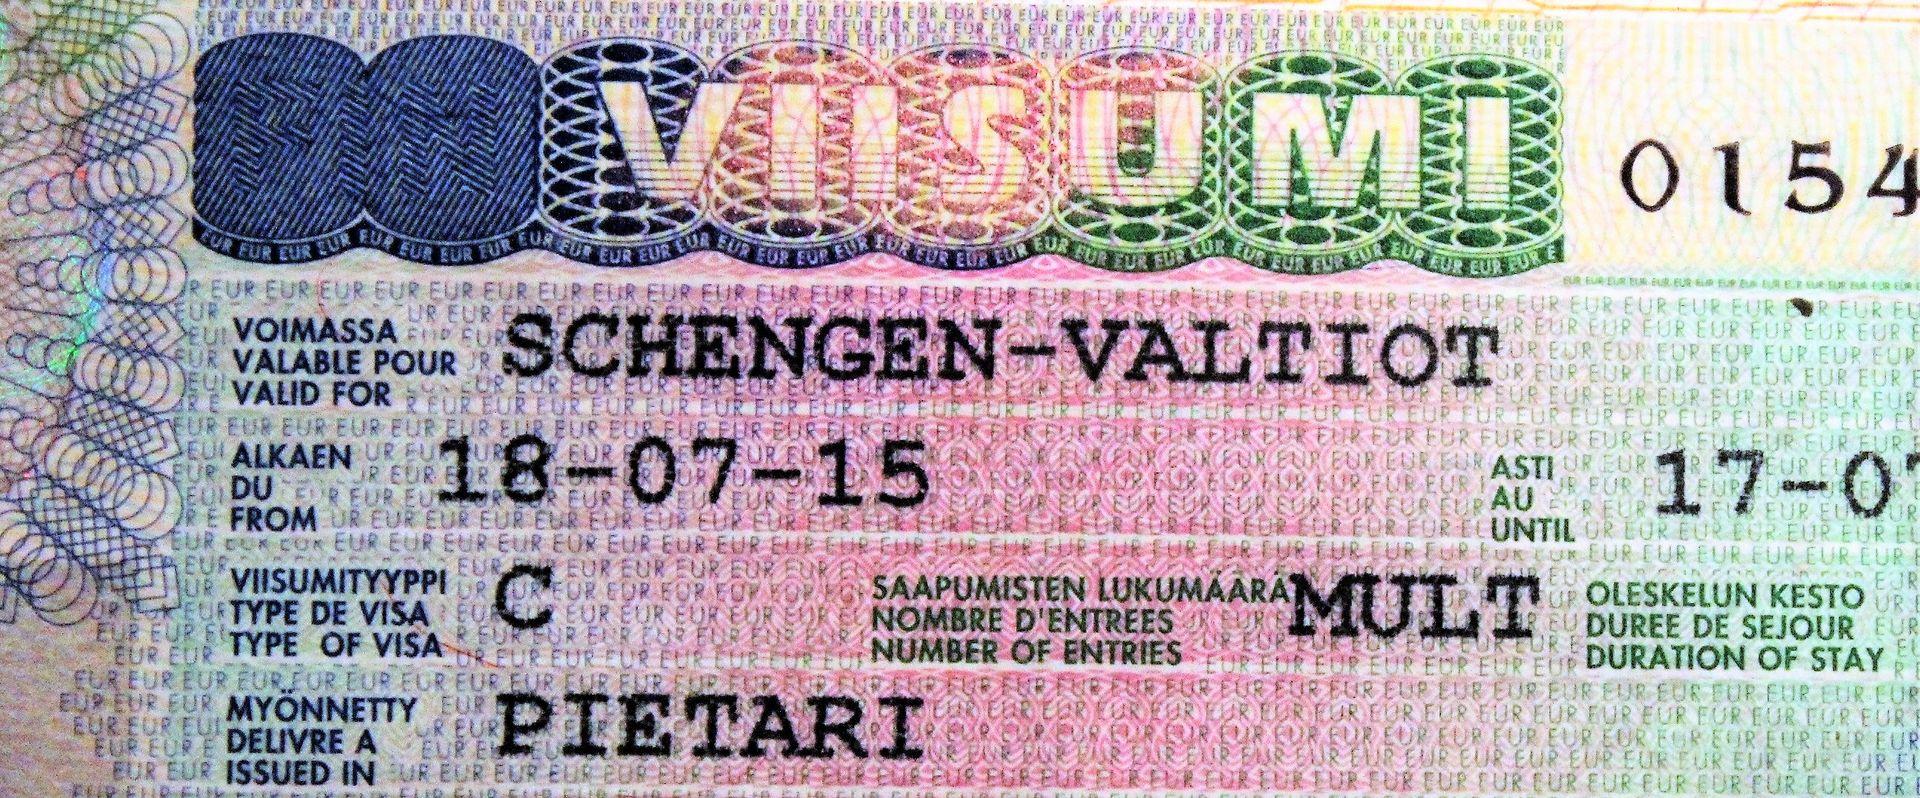 Как получить визу в Финляндию в срочном порядке 11